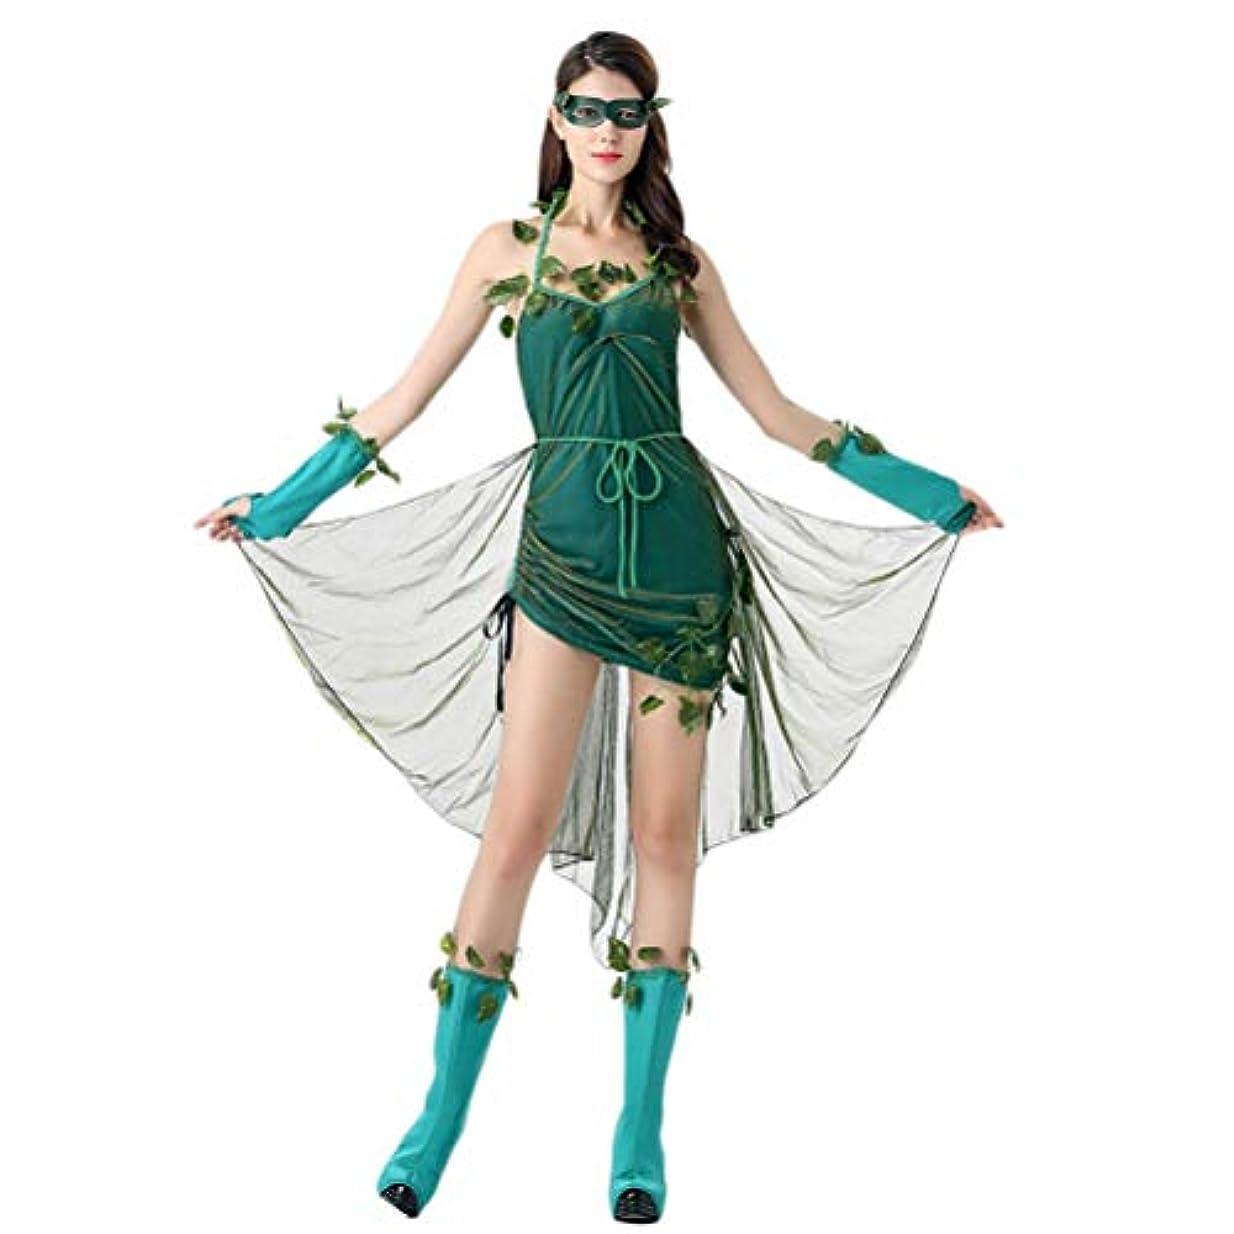 お世話になった赤面吹雪BESTOYARD ハロウィンステージの衣装美しいエルフの衣装森の悪魔の女神女性のコスプレ衣装ユニフォームパーティードレススーツ